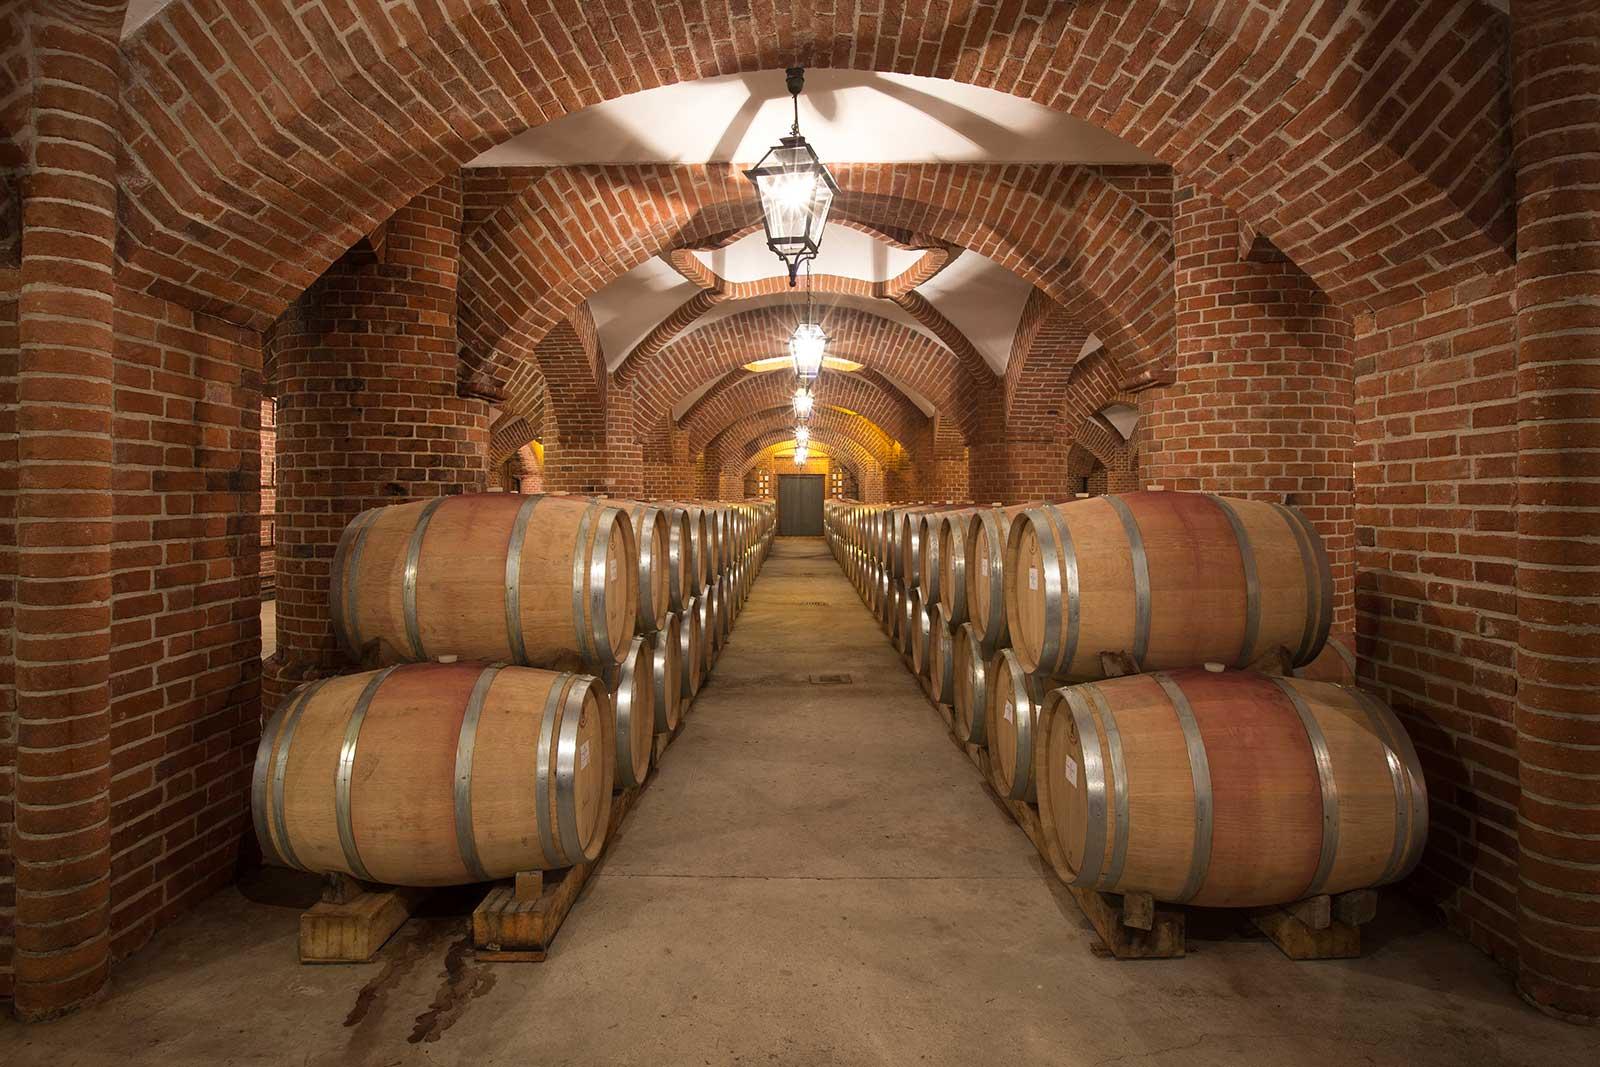 Rocche dei Manzoni's wine cellar. © Rocche dei Manzoni